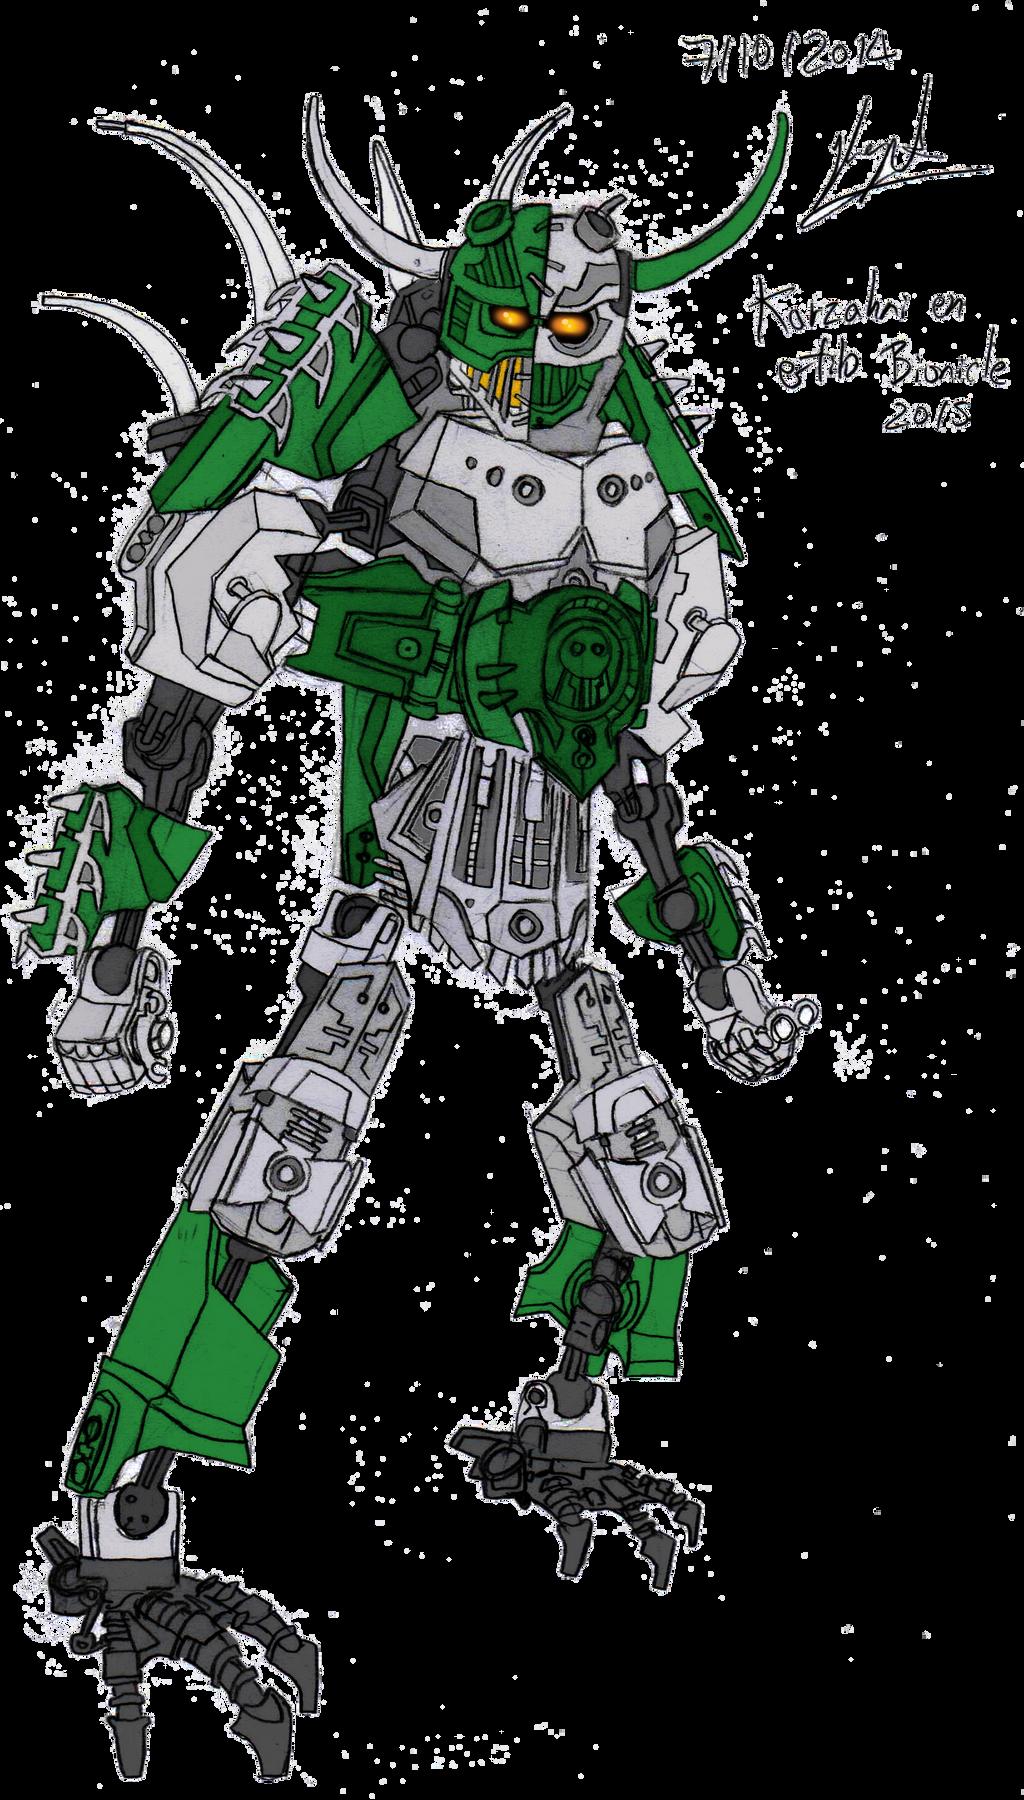 Dibujos de Fanbyl Karzahni_bionicle_2015_by_jhepty-d820hv1